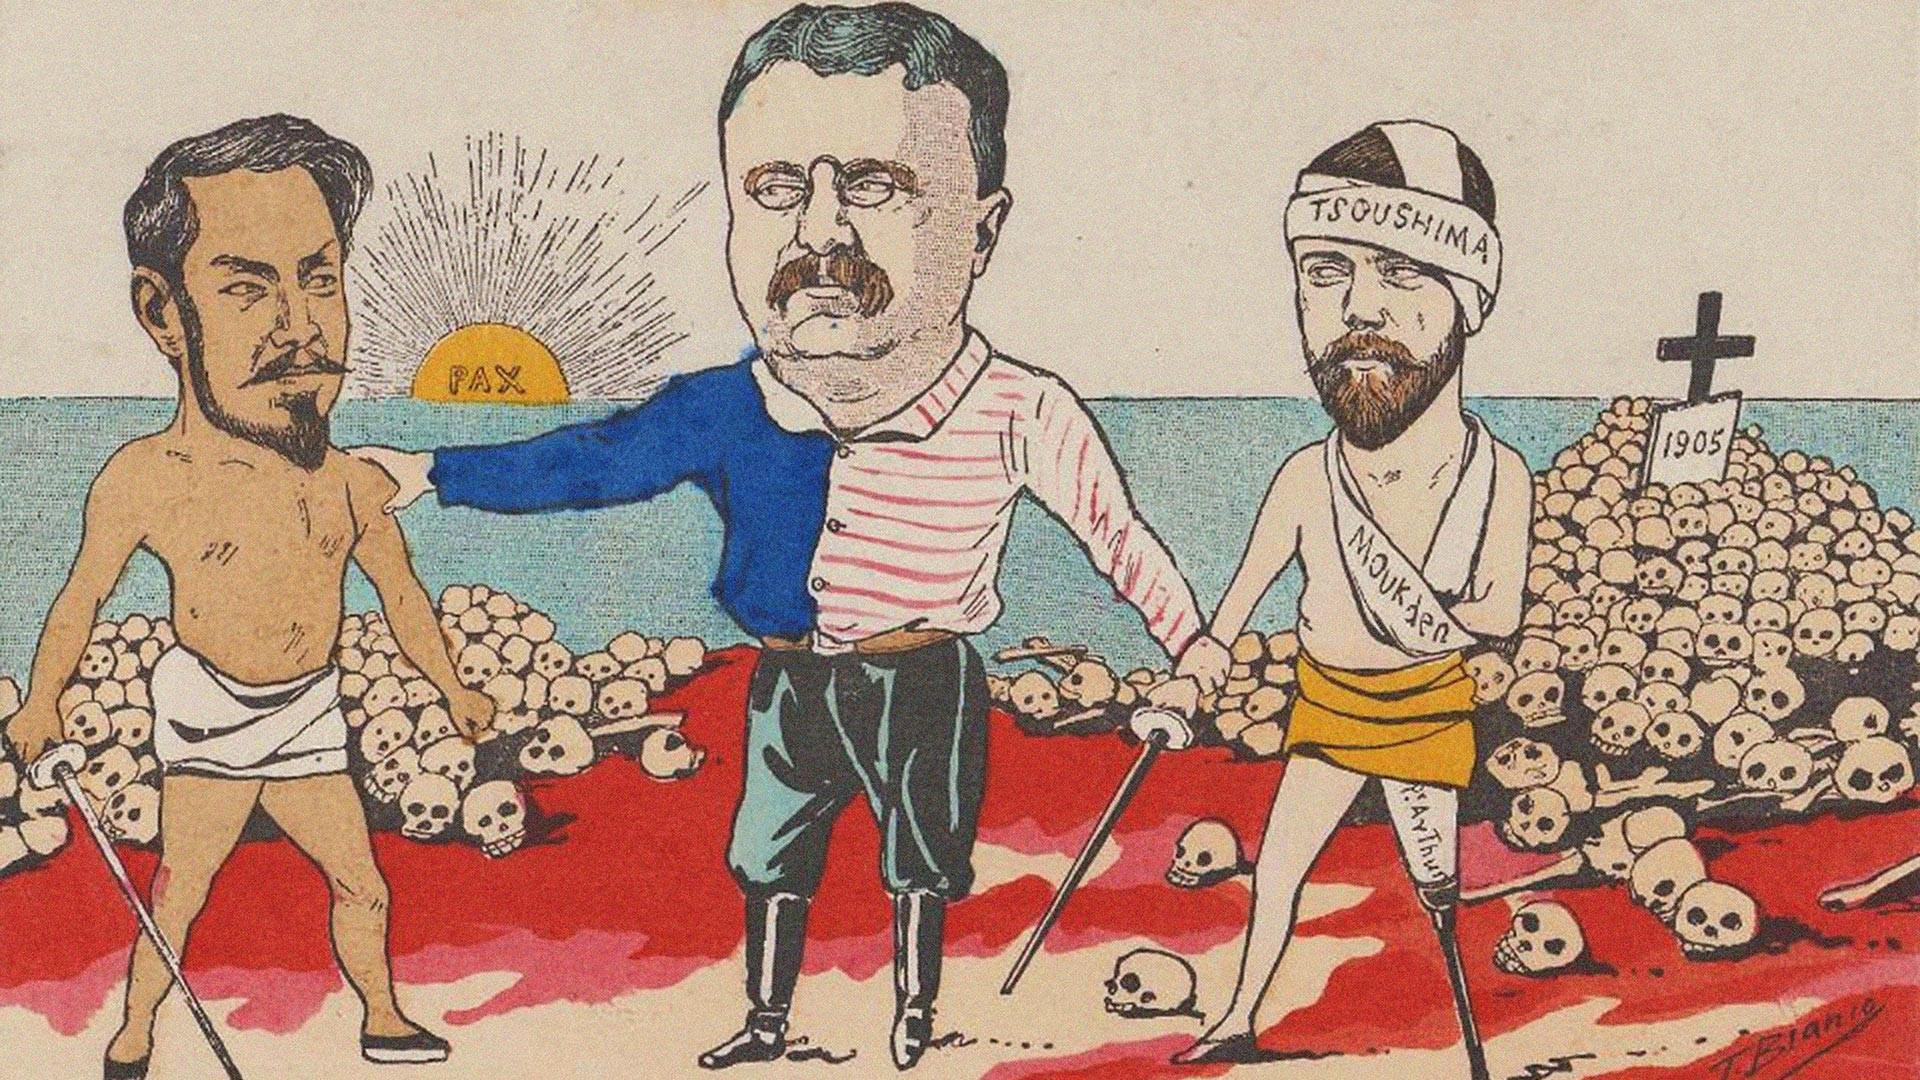 Une caricature sur le traité de Portsmouth, 1905